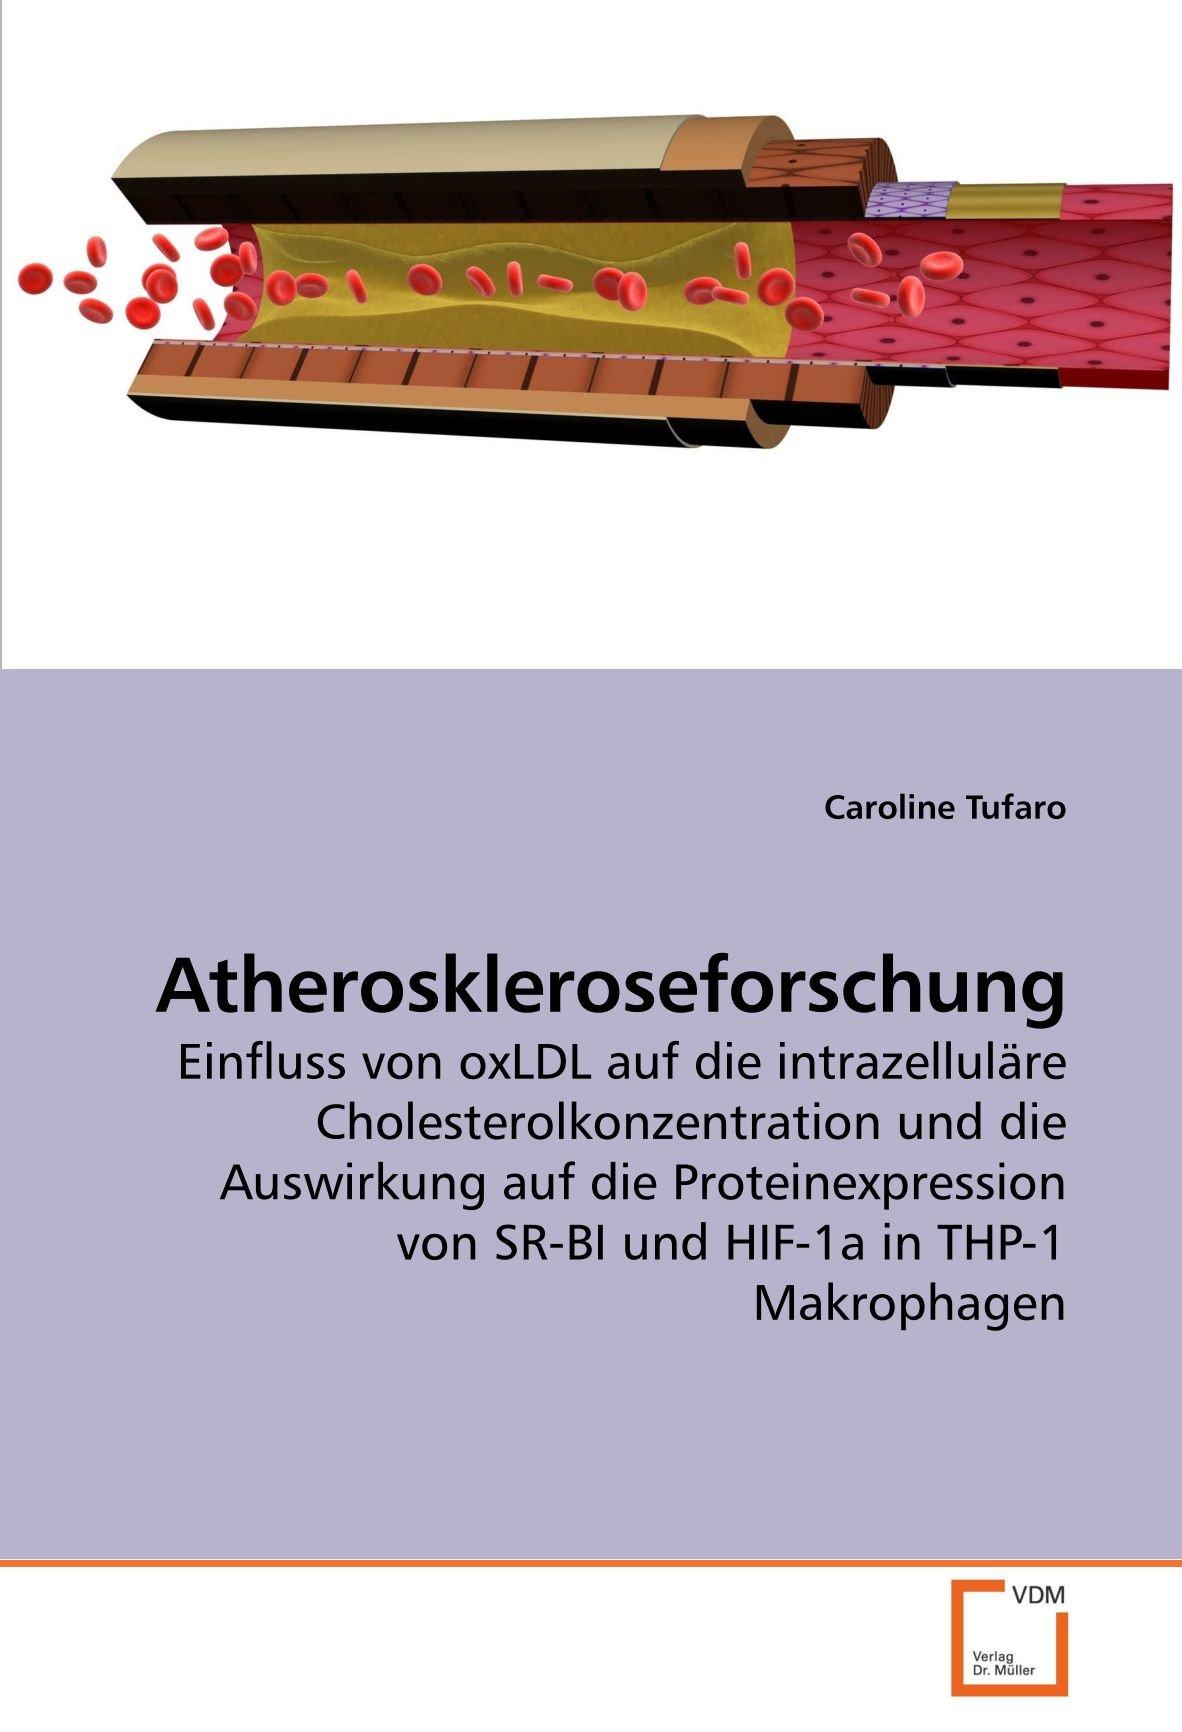 Atheroskleroseforschung: Einfluss von oxLDL auf die intrazelluläre Cholesterolkonzentration und die Auswirkung auf die Proteinexpression von SR-BI und HIF-1a in THP-1 Makrophagen (German Edition) pdf epub